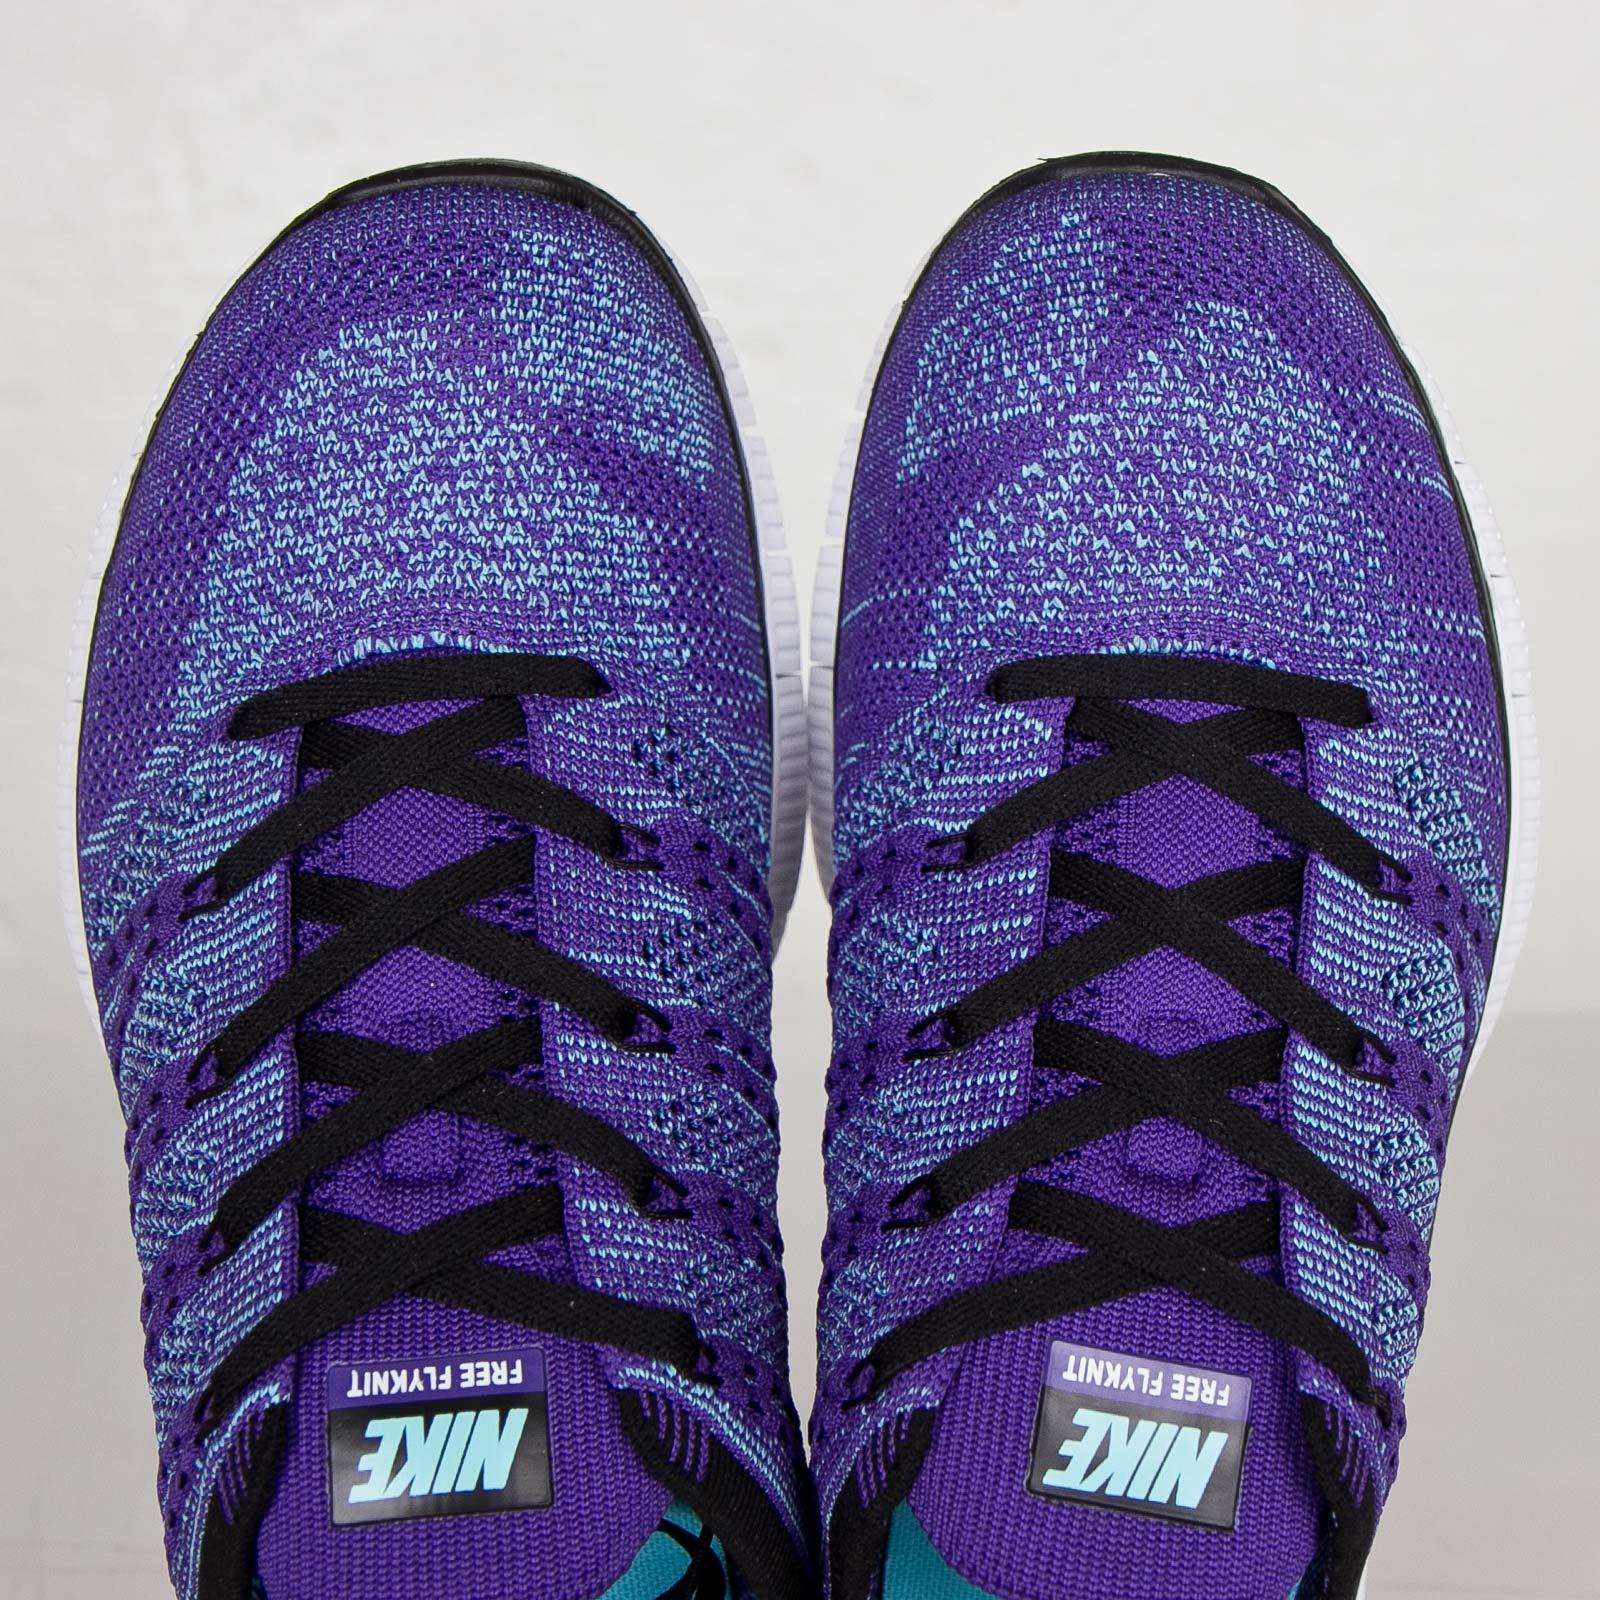 best service 9c567 d3abe Nike Free Flyknit NSW - 599459-500 - Sneakersnstuff   sneakers   streetwear  online since 1999